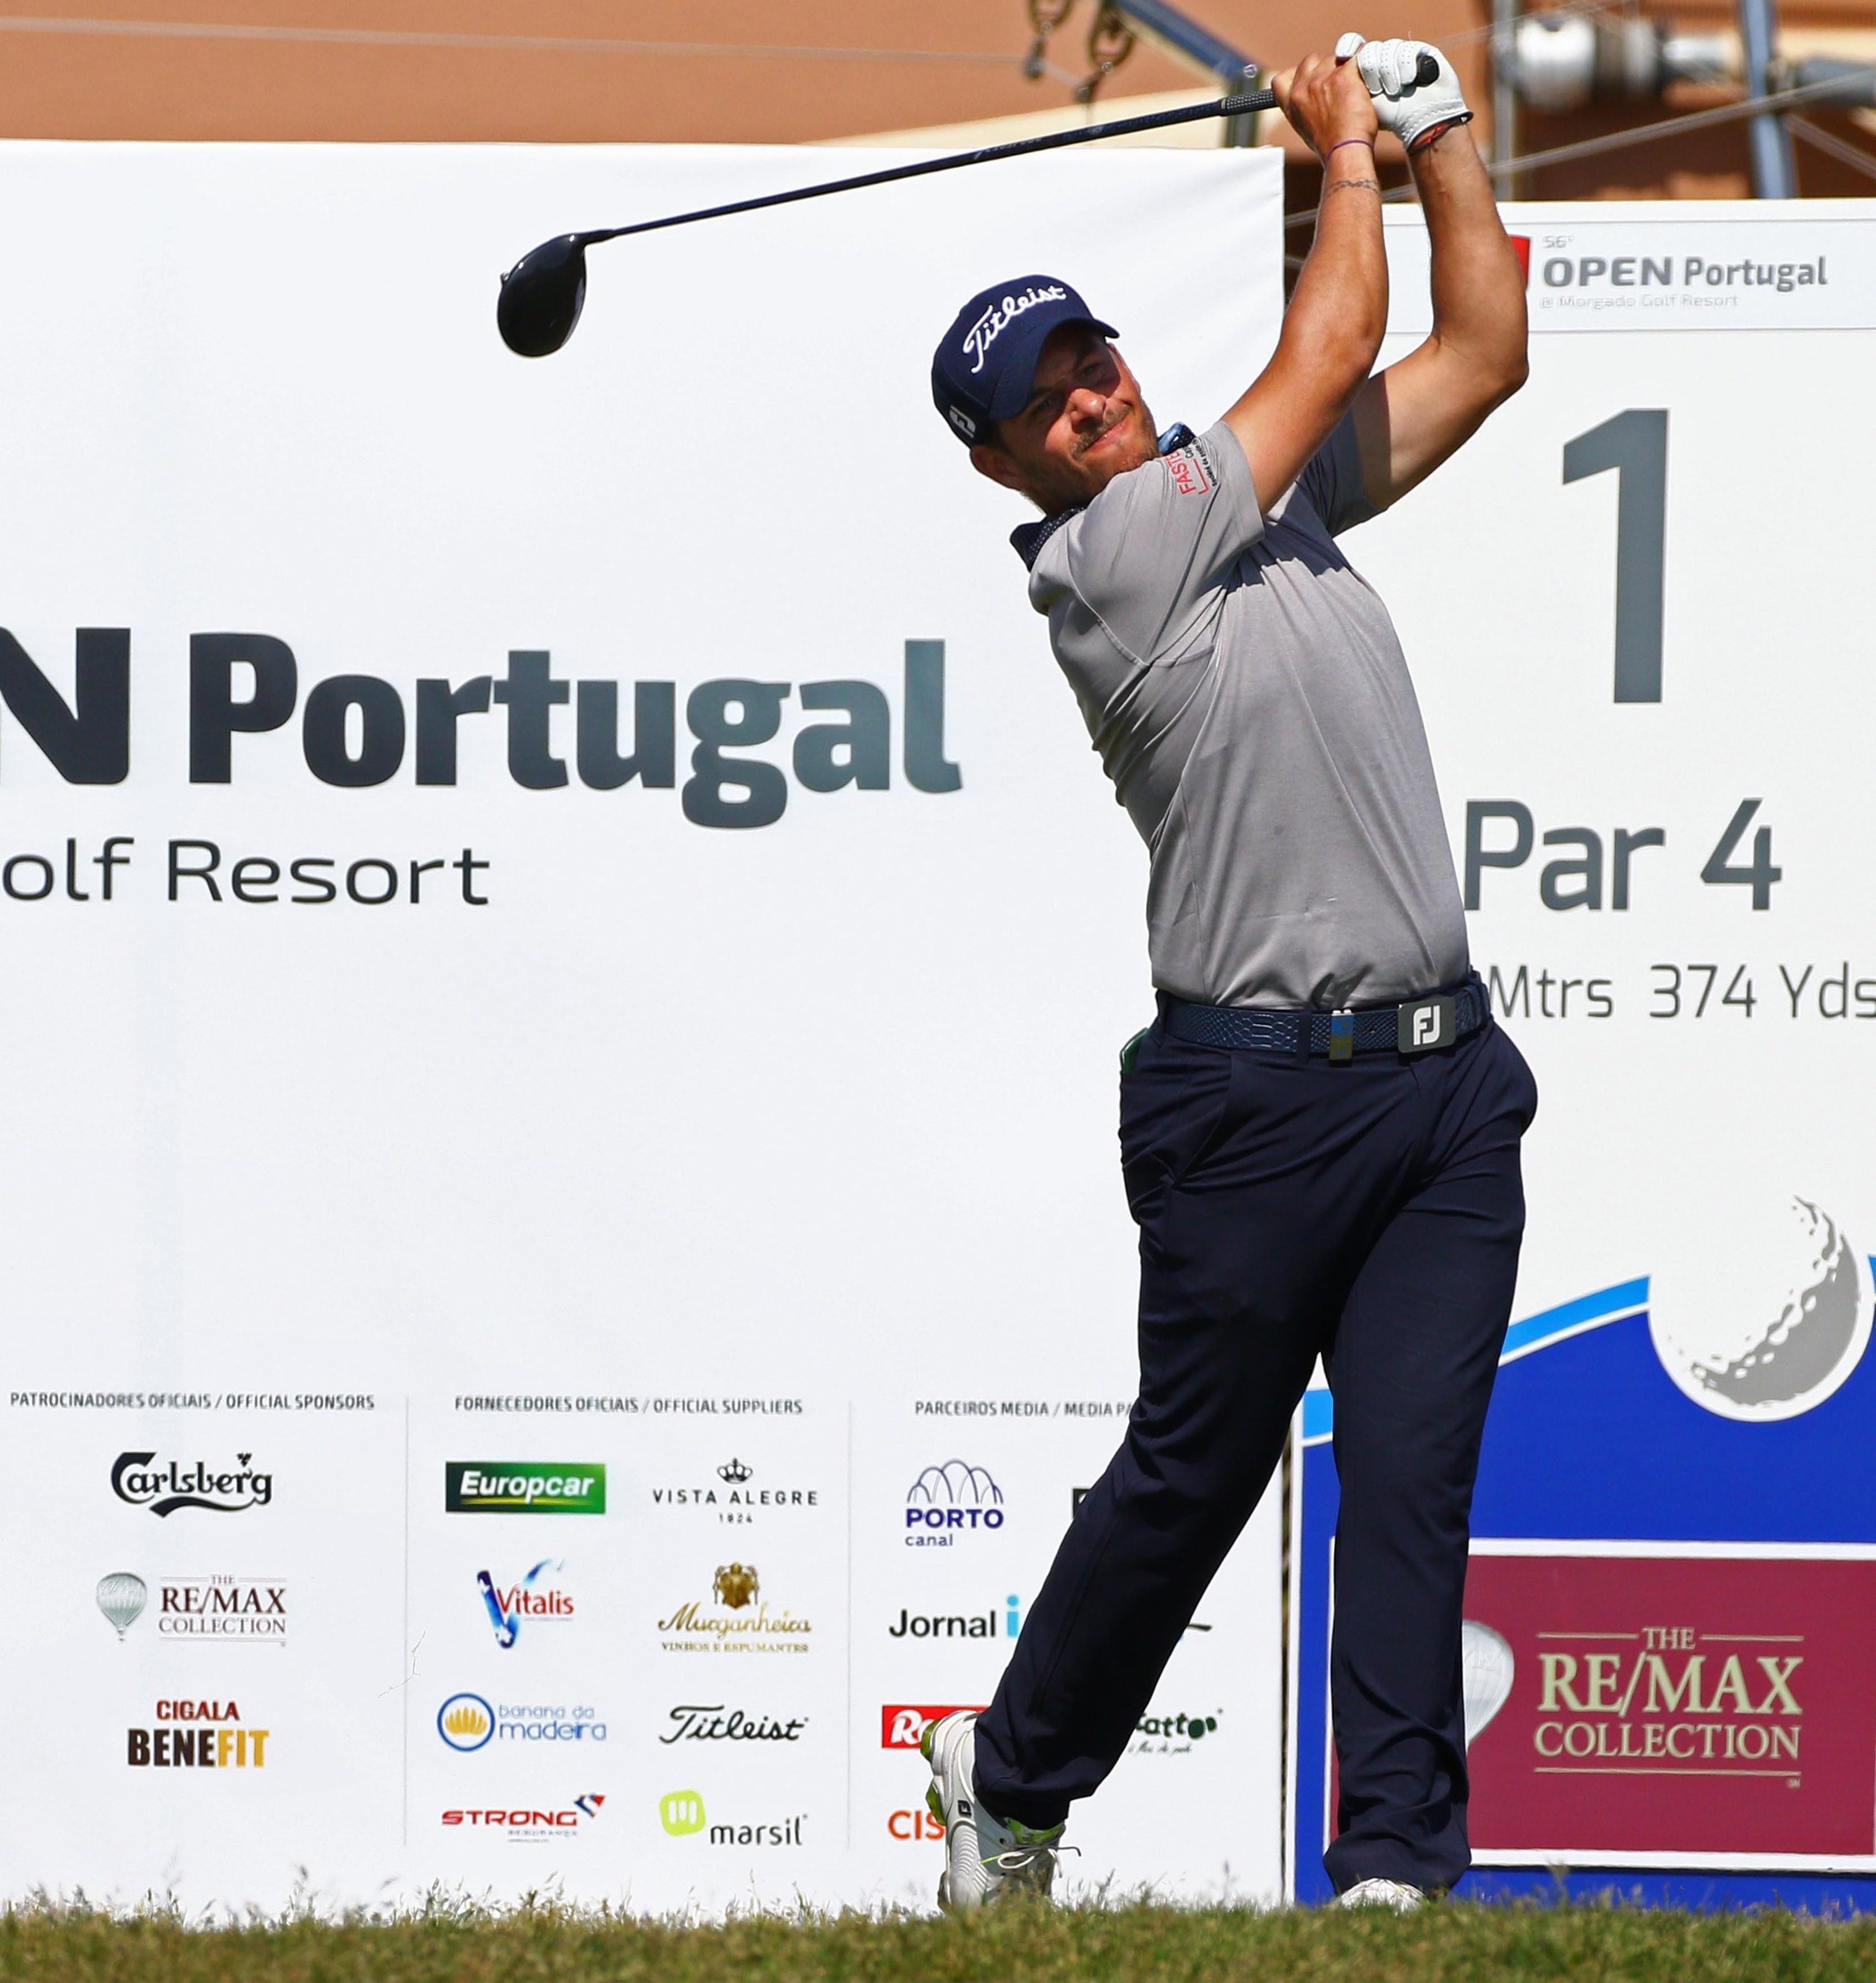 57.º Open de Portugal @ Morgado Golf Resort  – RECORDE DE 18 PORTUGUESES COM RICARDO SANTOS E FILIPE LIMA ENTRE O LOTE DE FAVORITOS